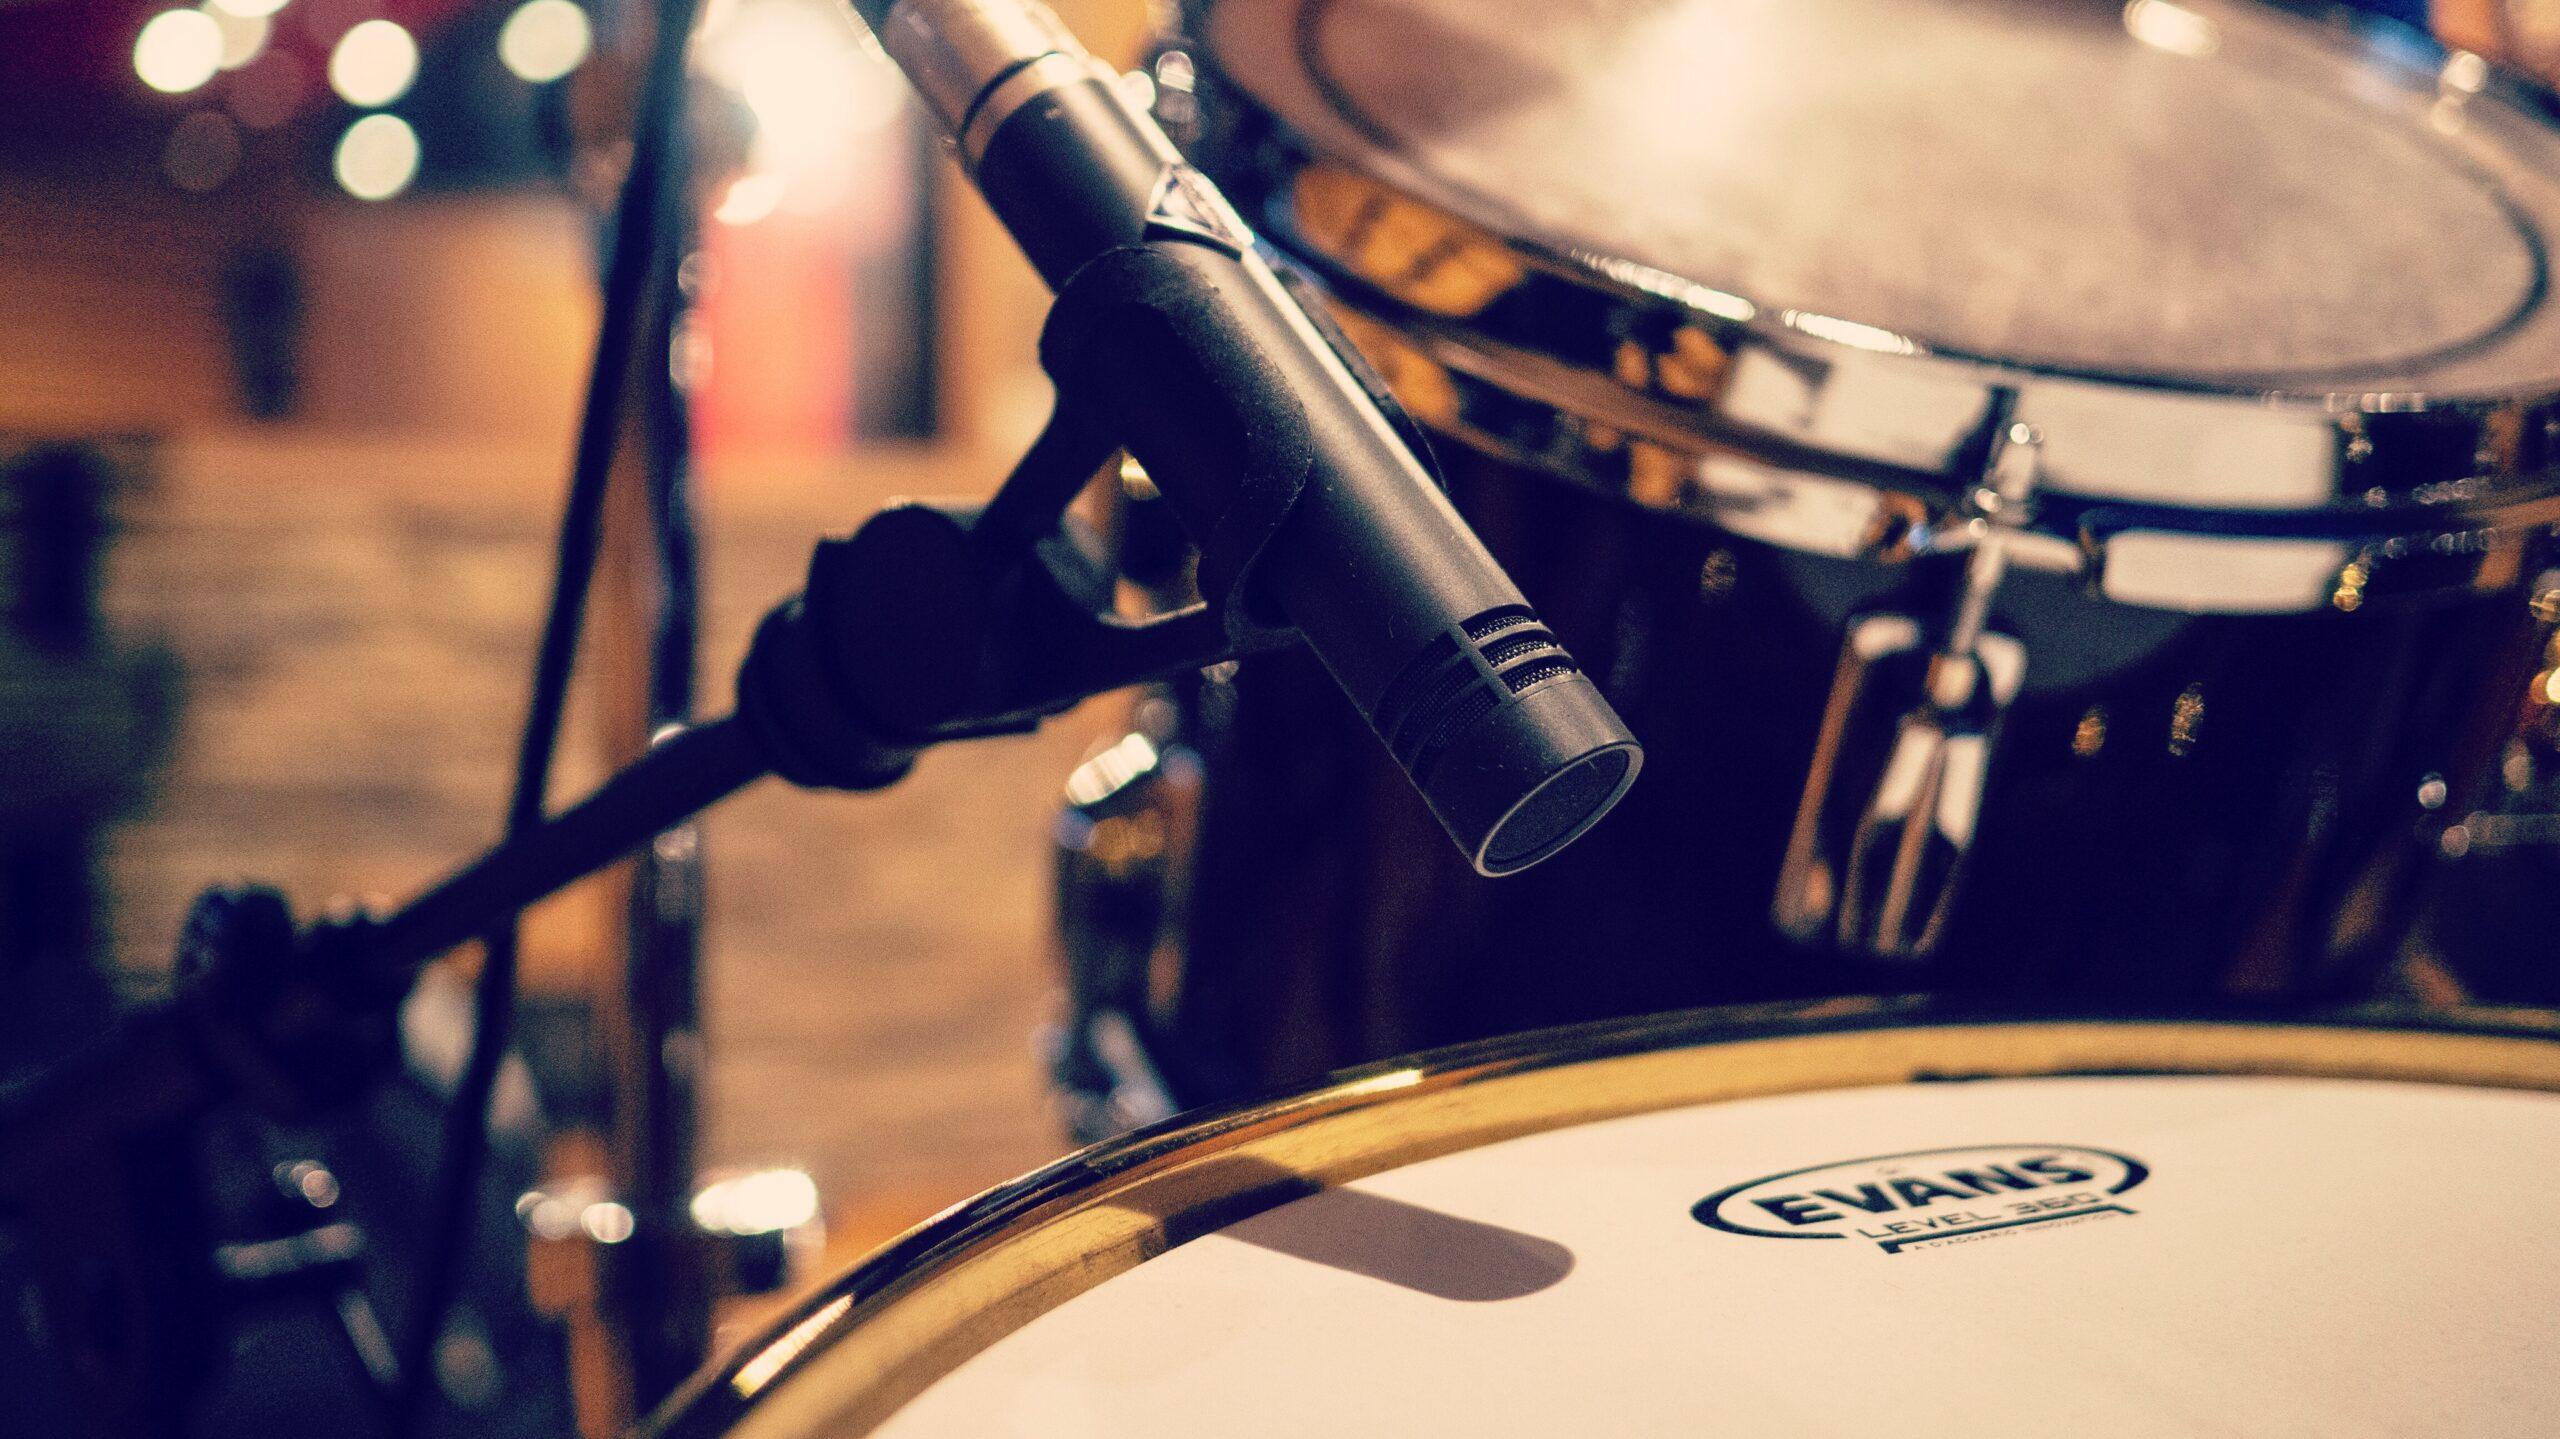 Slipway-Studio_Recording-Drums_04